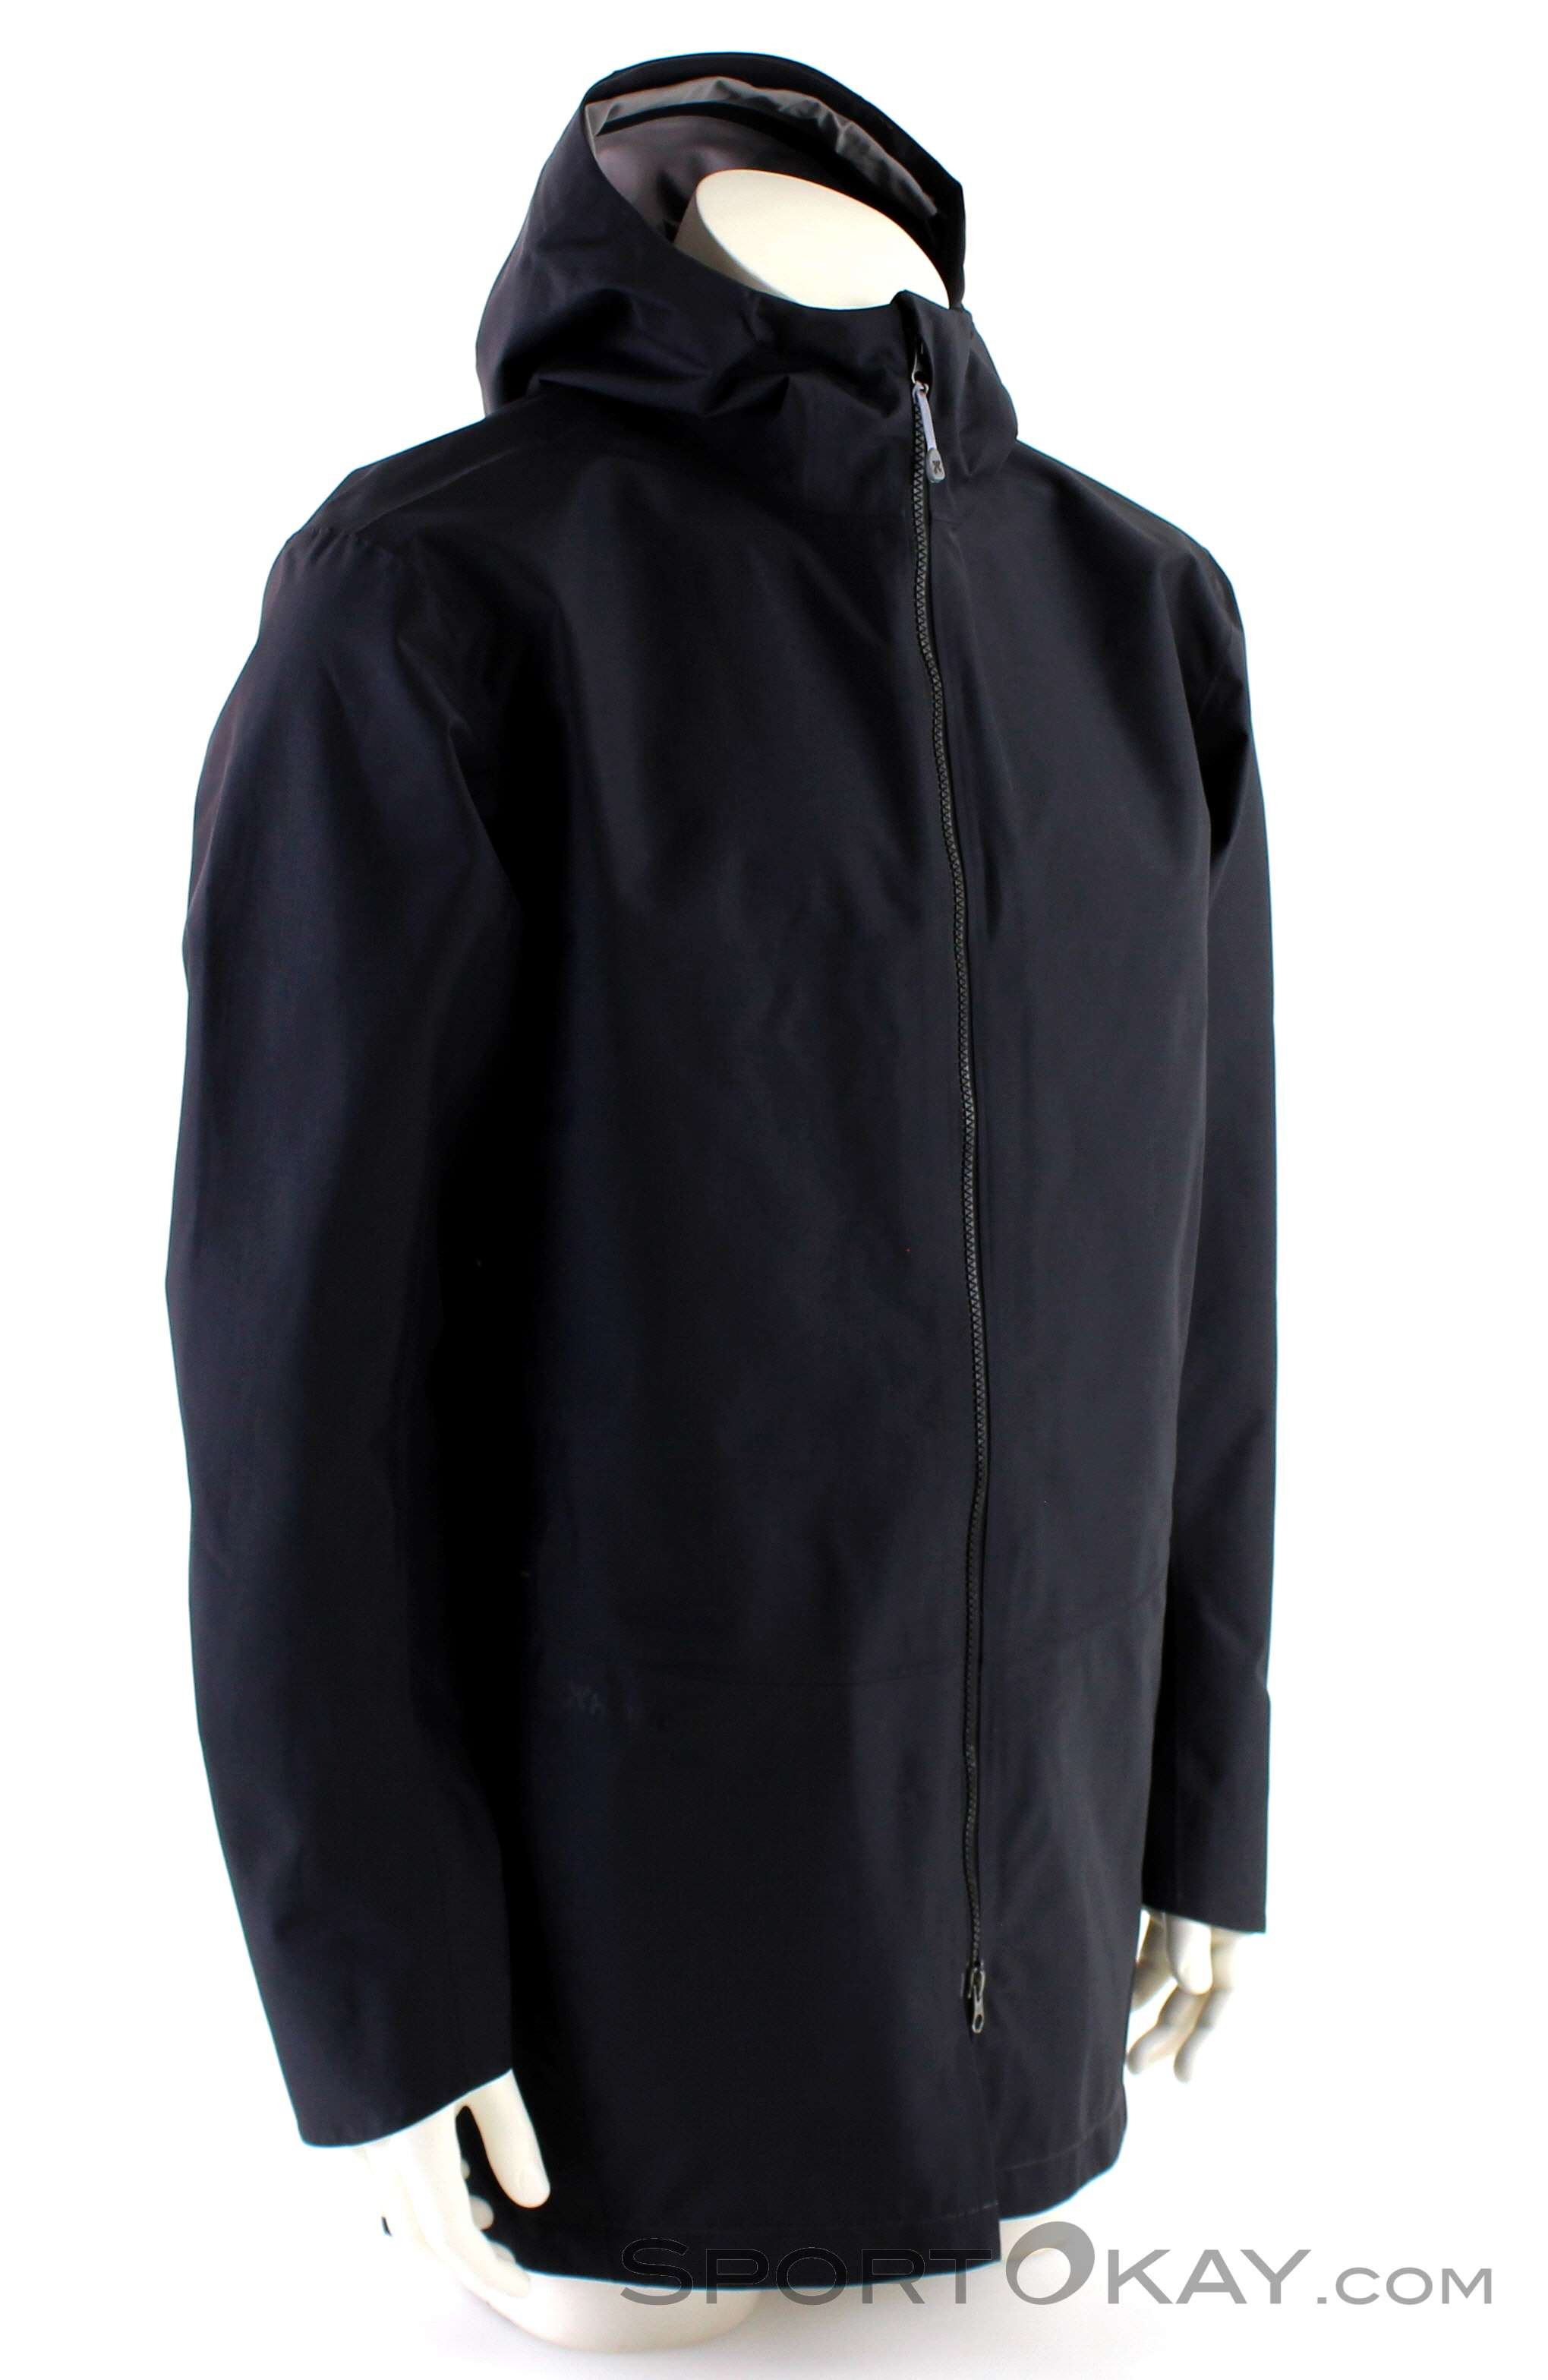 Houdini Sherlock Coat Herren Freizeitmantel-Schwarz-XL